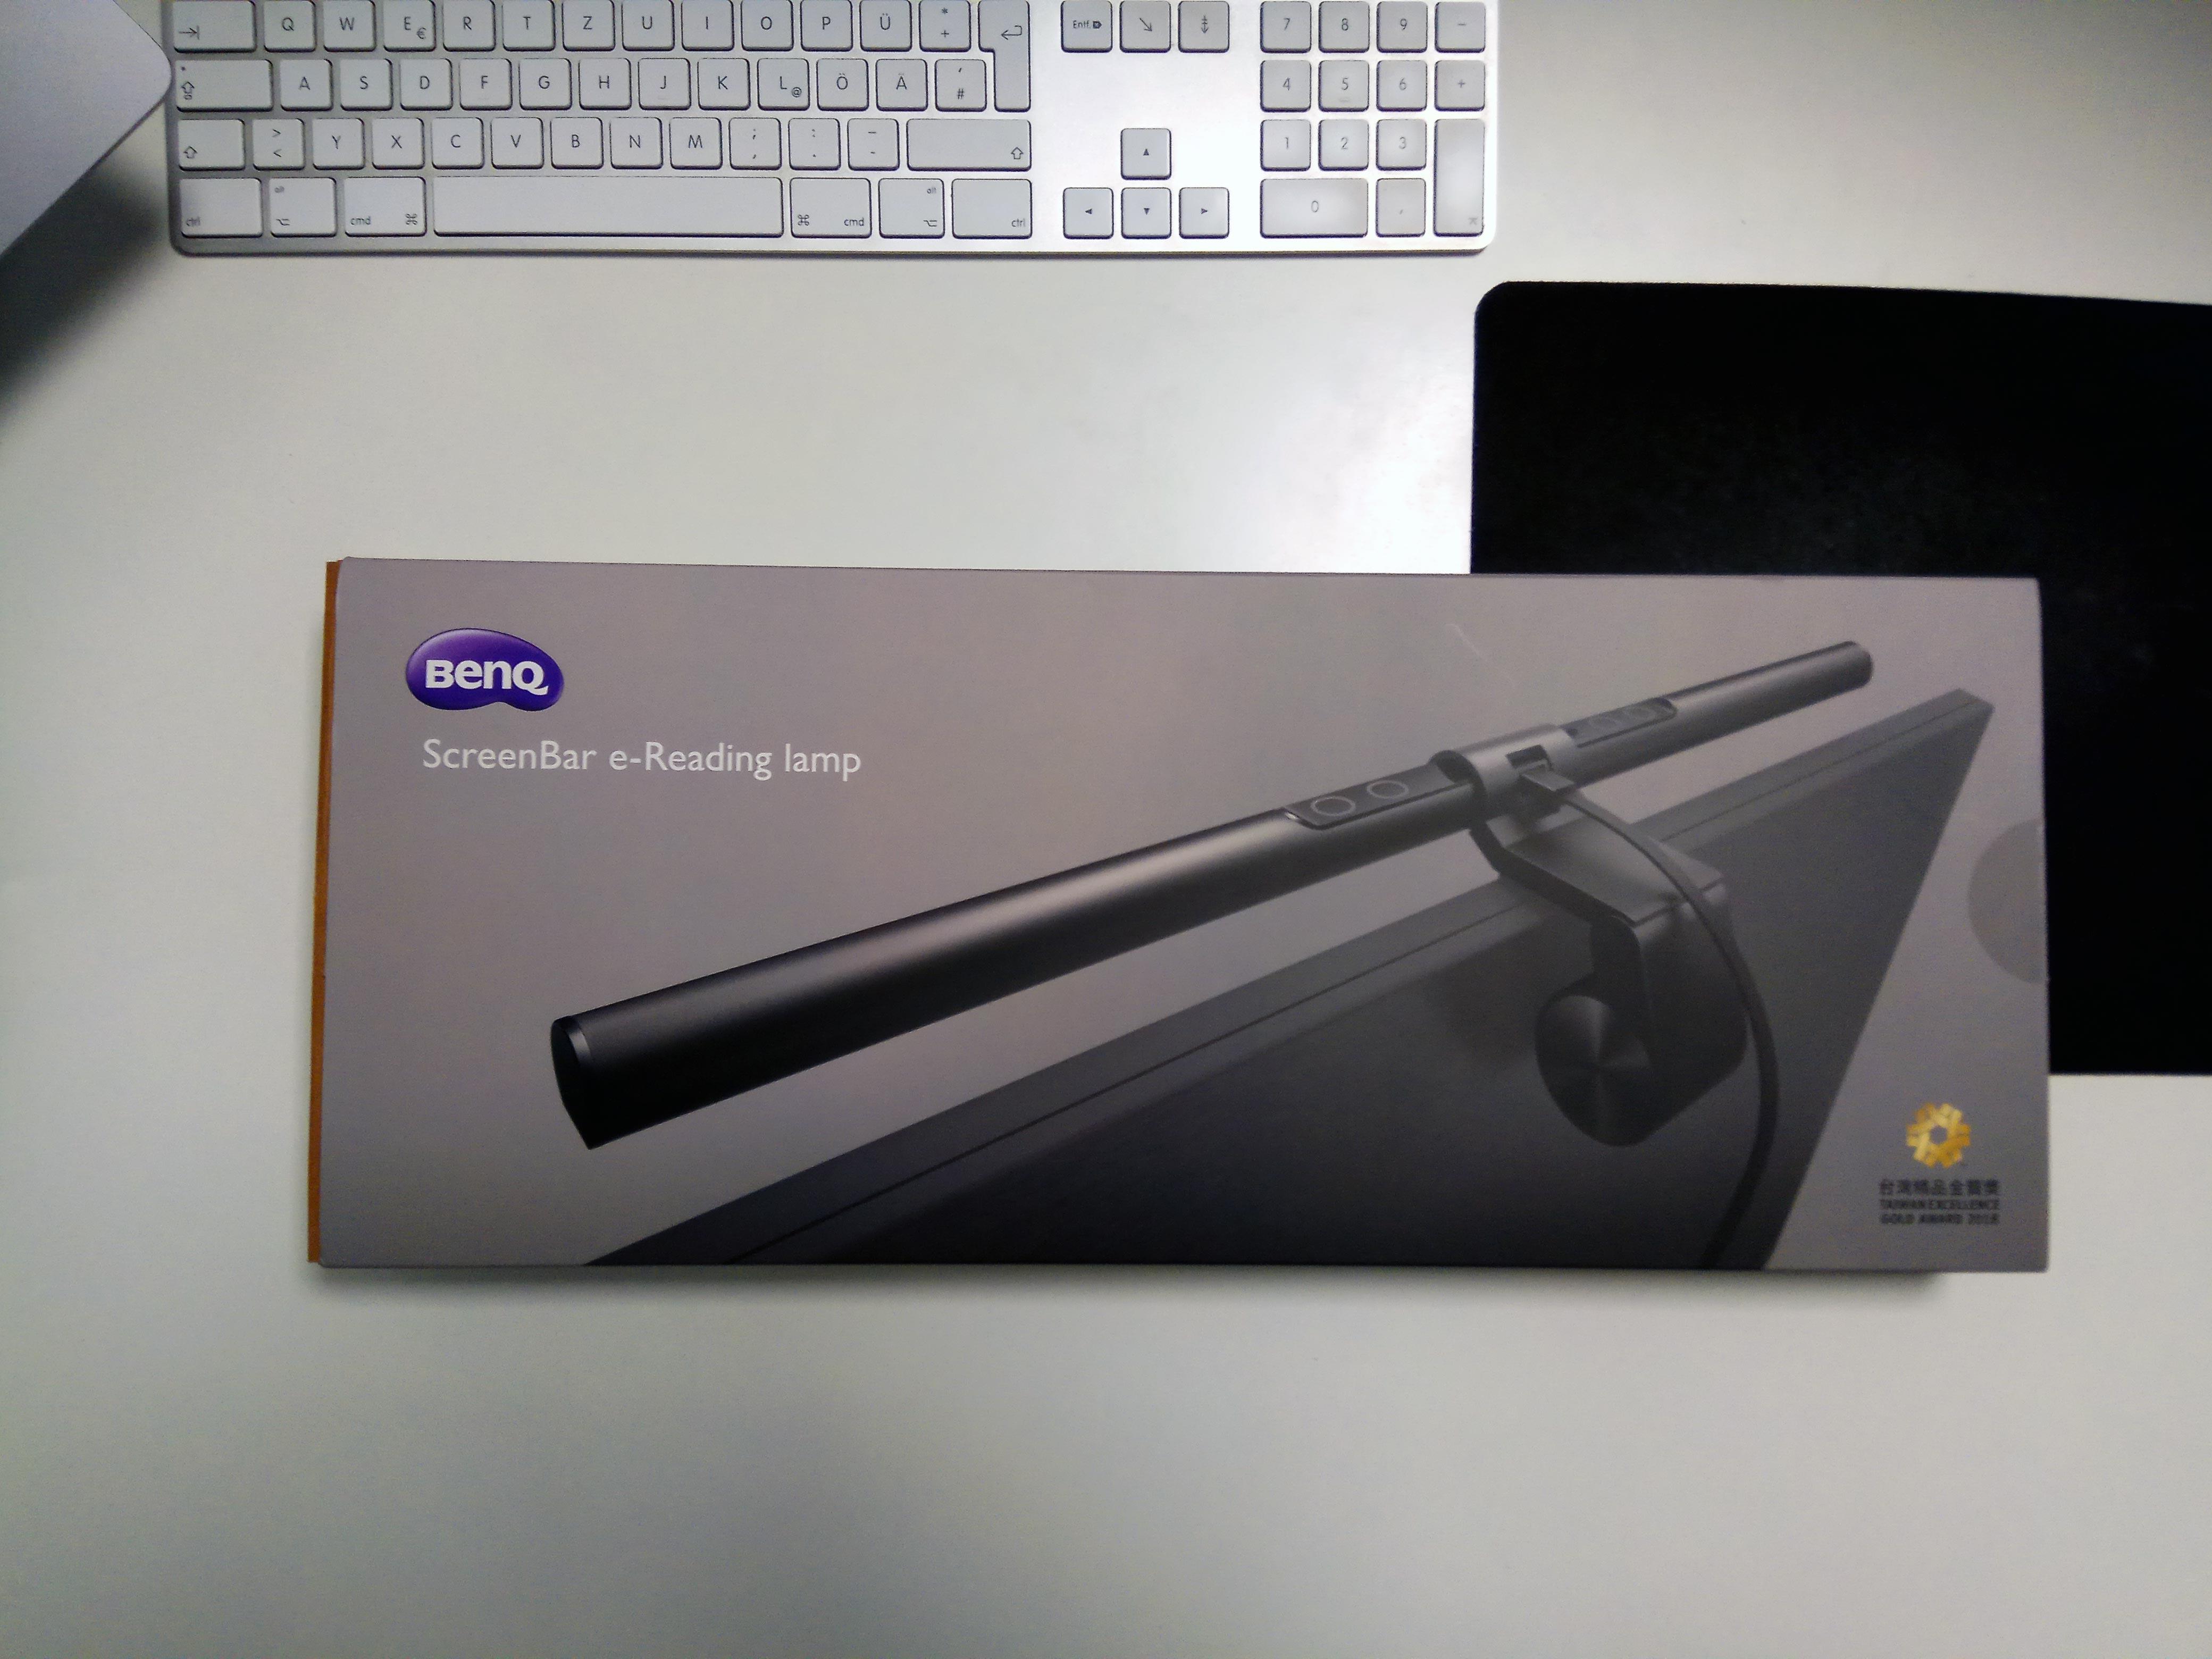 Benq Screenbar Platzsparende Led Schreibtischlampe Mit Innovativem Wiring Diagram Unboxing Der Lampe Vorderseite